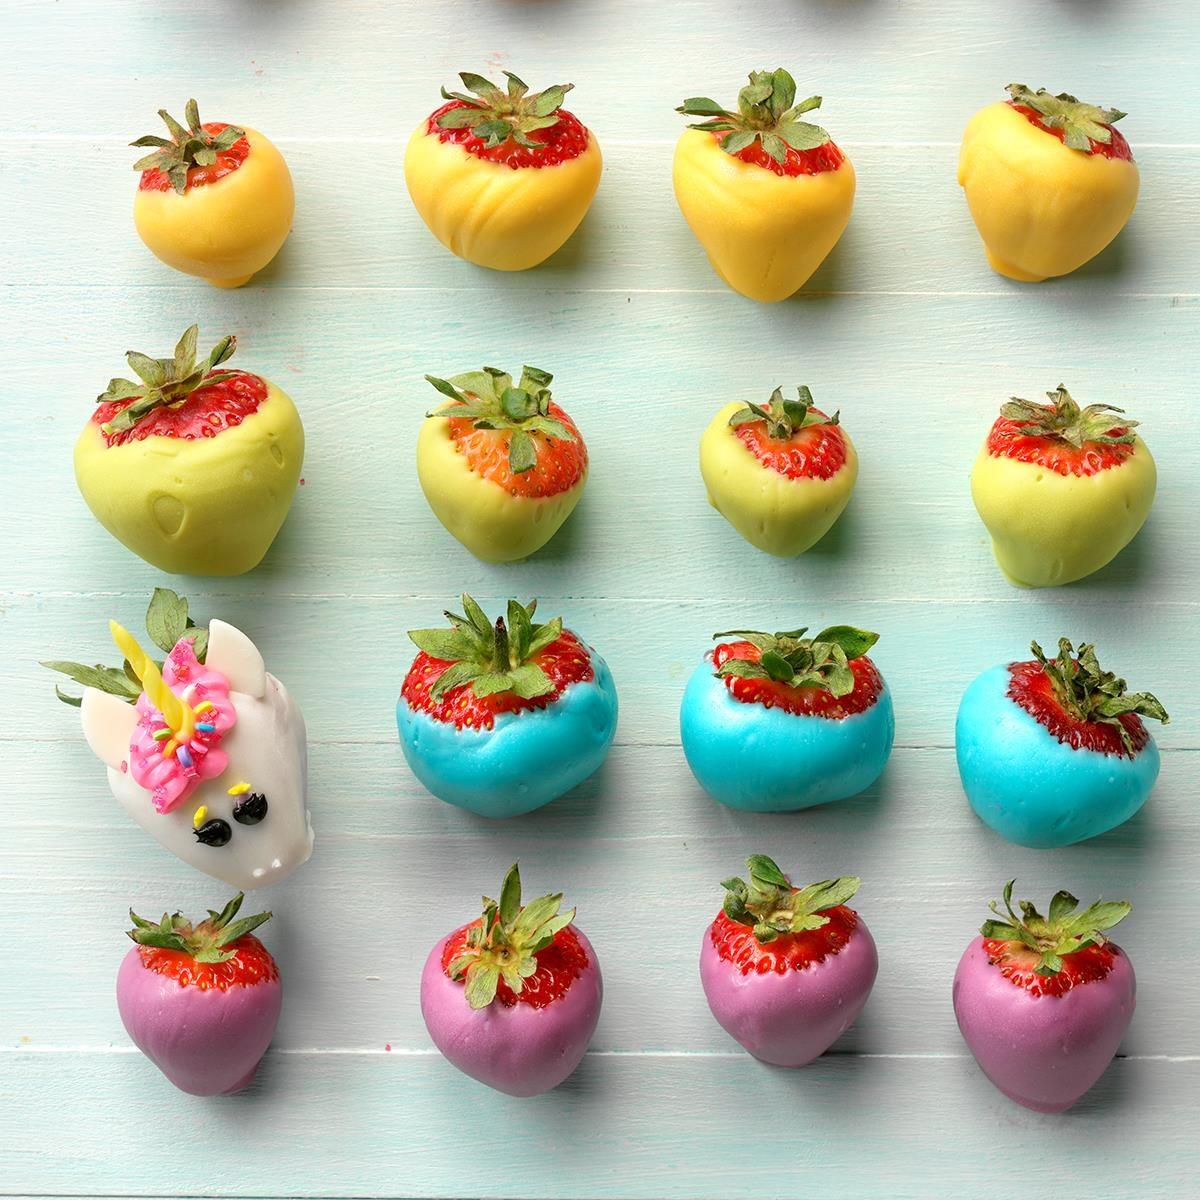 Rainbow Strawberries